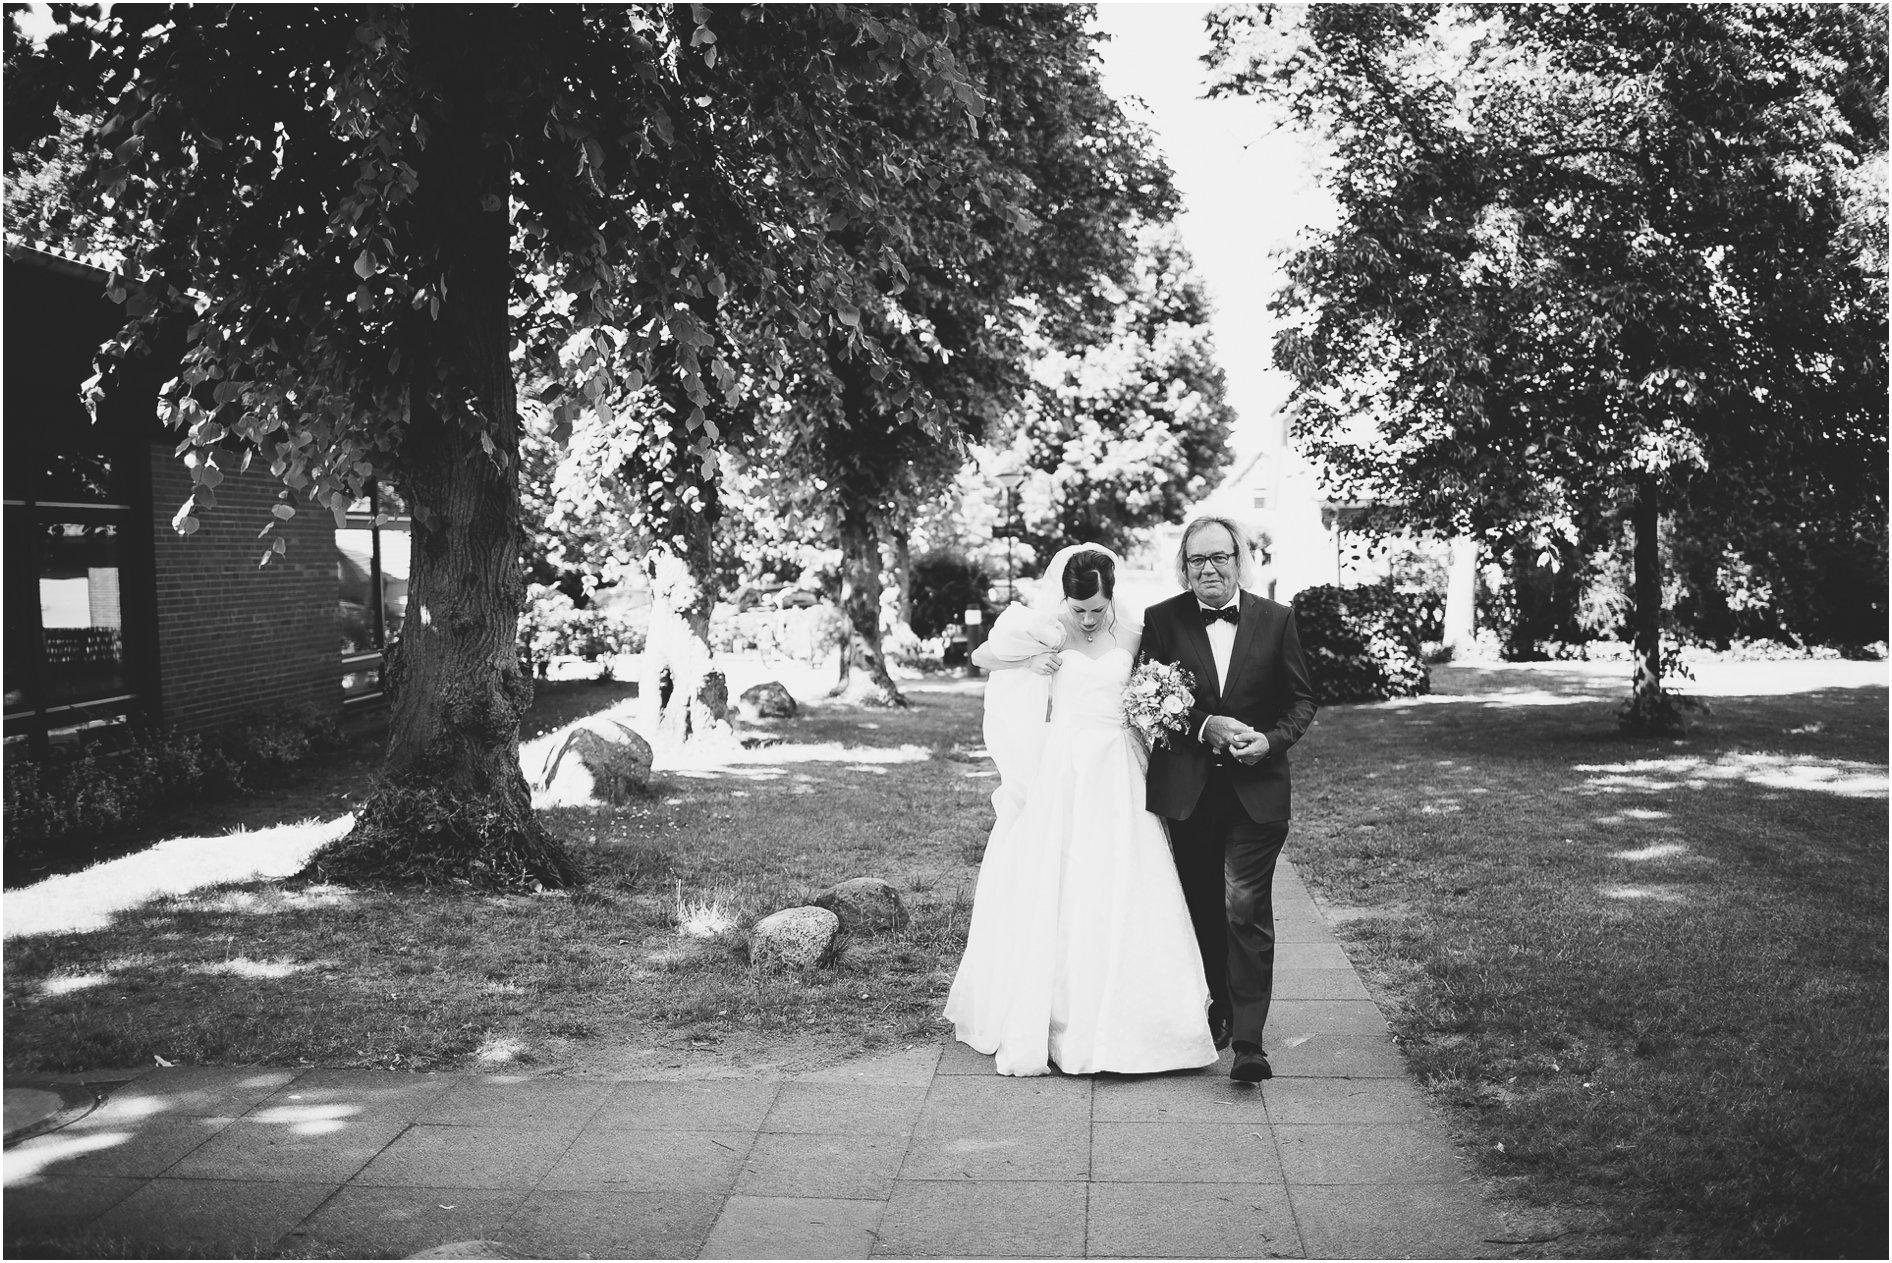 2014-08-07_0037 Wiebke und Marcio - Hochzeitsfotograf in Lüneburg